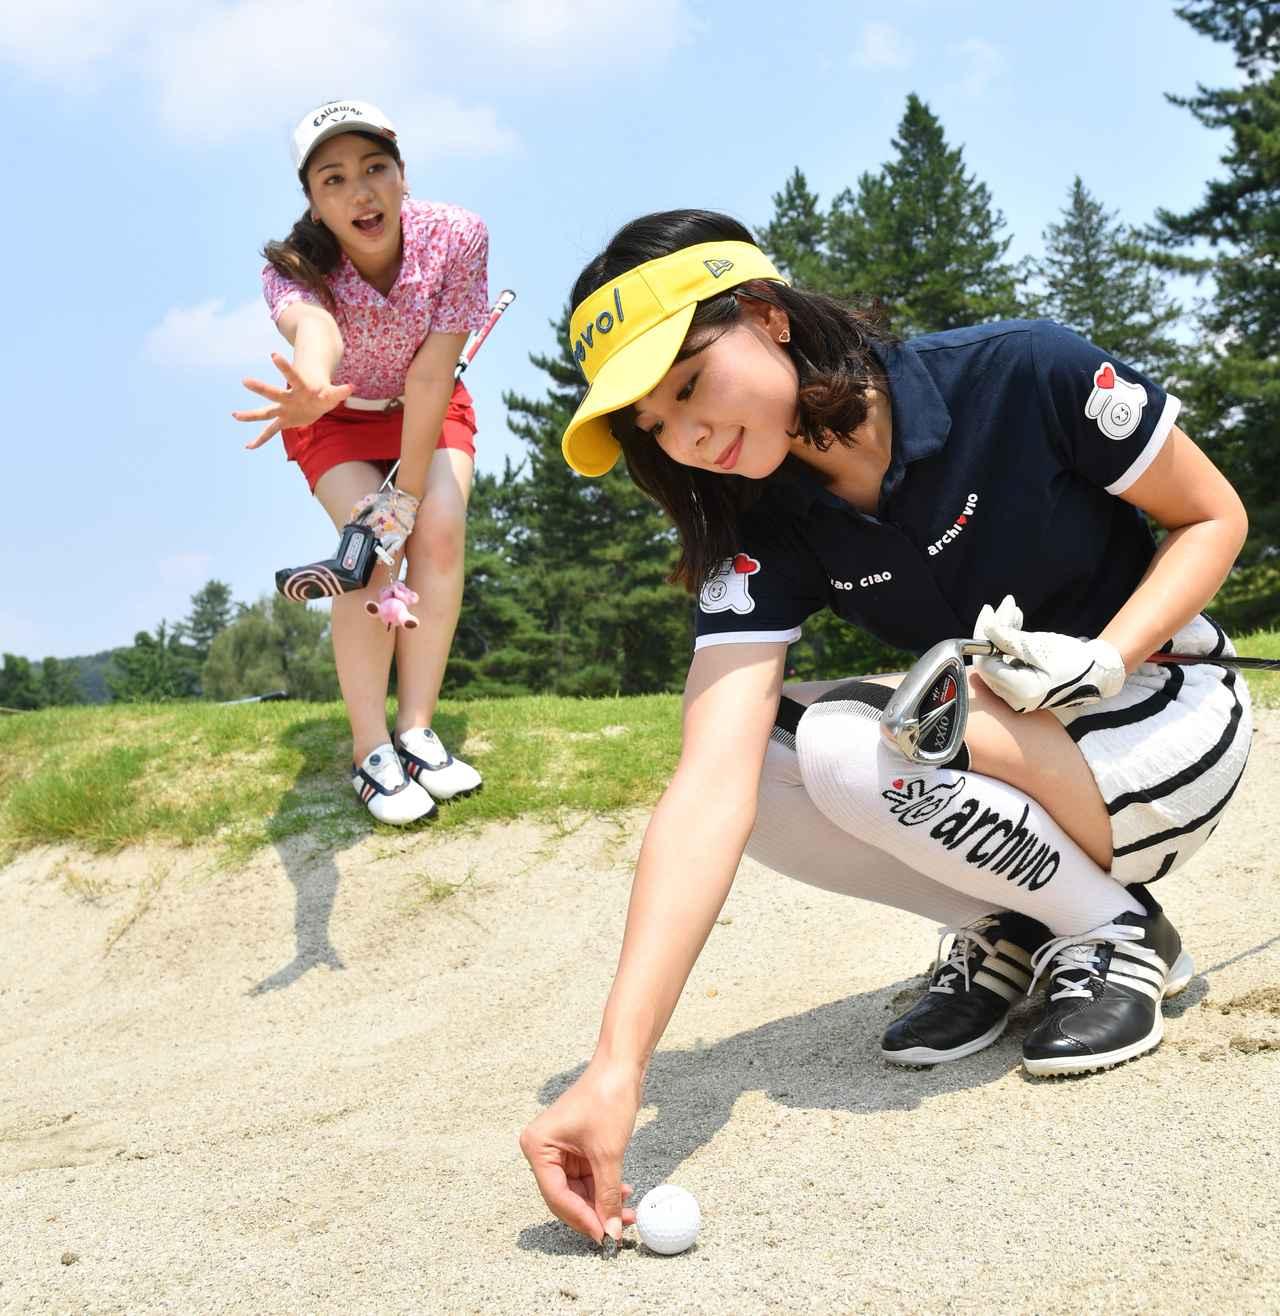 画像: 「小石拾いまーす!」「待って! 砂に触ってない?」